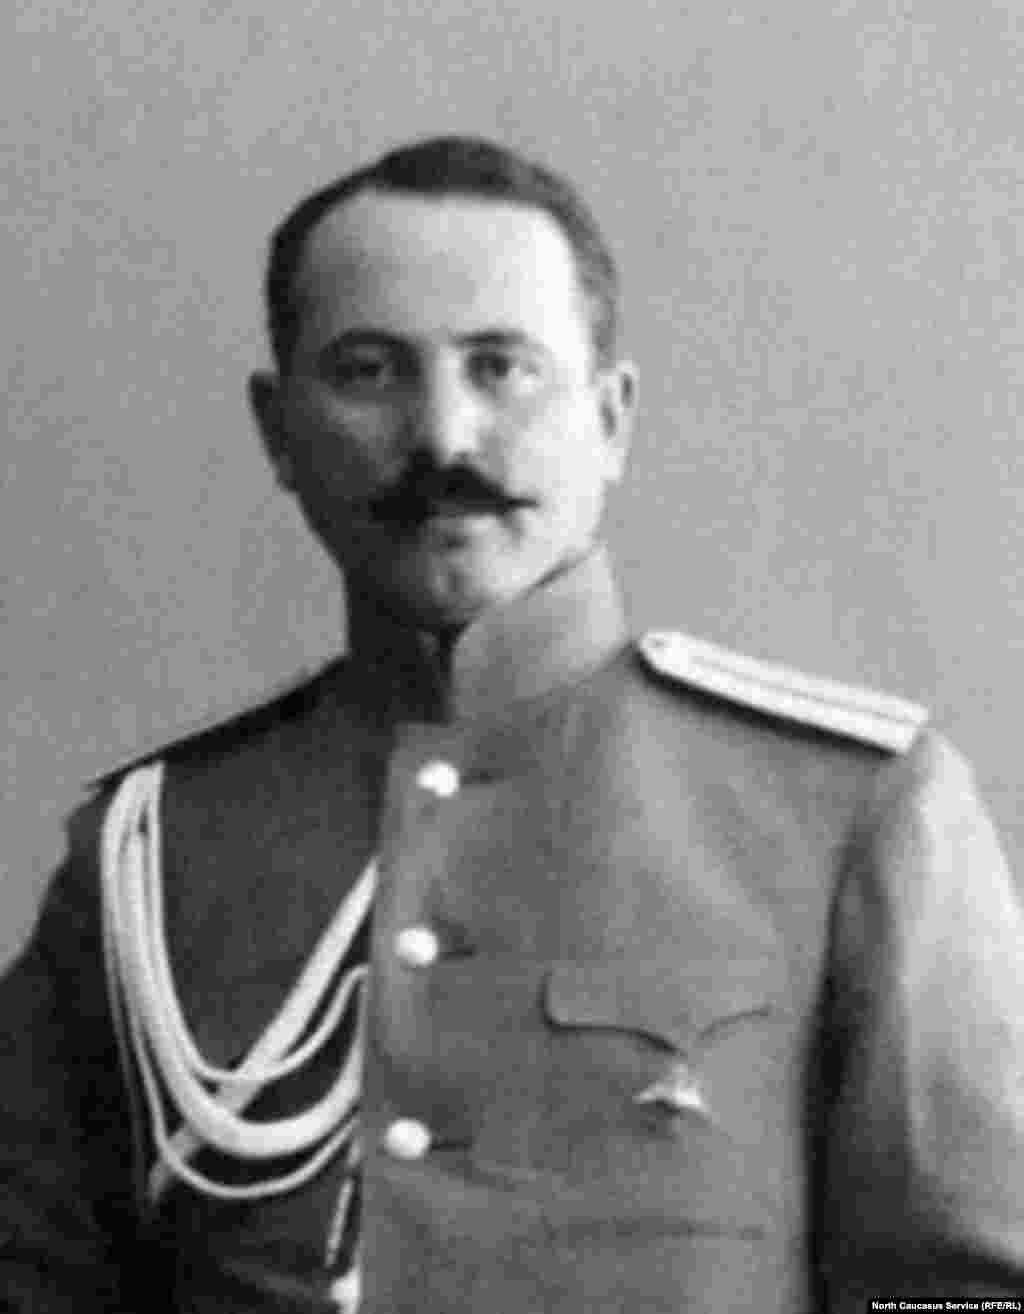 Князь Нух-бек Тарковский, военный и политический деятель Дагестана,командир I-го Дагестанского полка. Военный диктатор Дагестана (сентябрь-октябрь1918года). Служил в Добровольческом корпусе генерала Антона Деникина. С1920годажил в эмиграции, умер вШвейцарии.